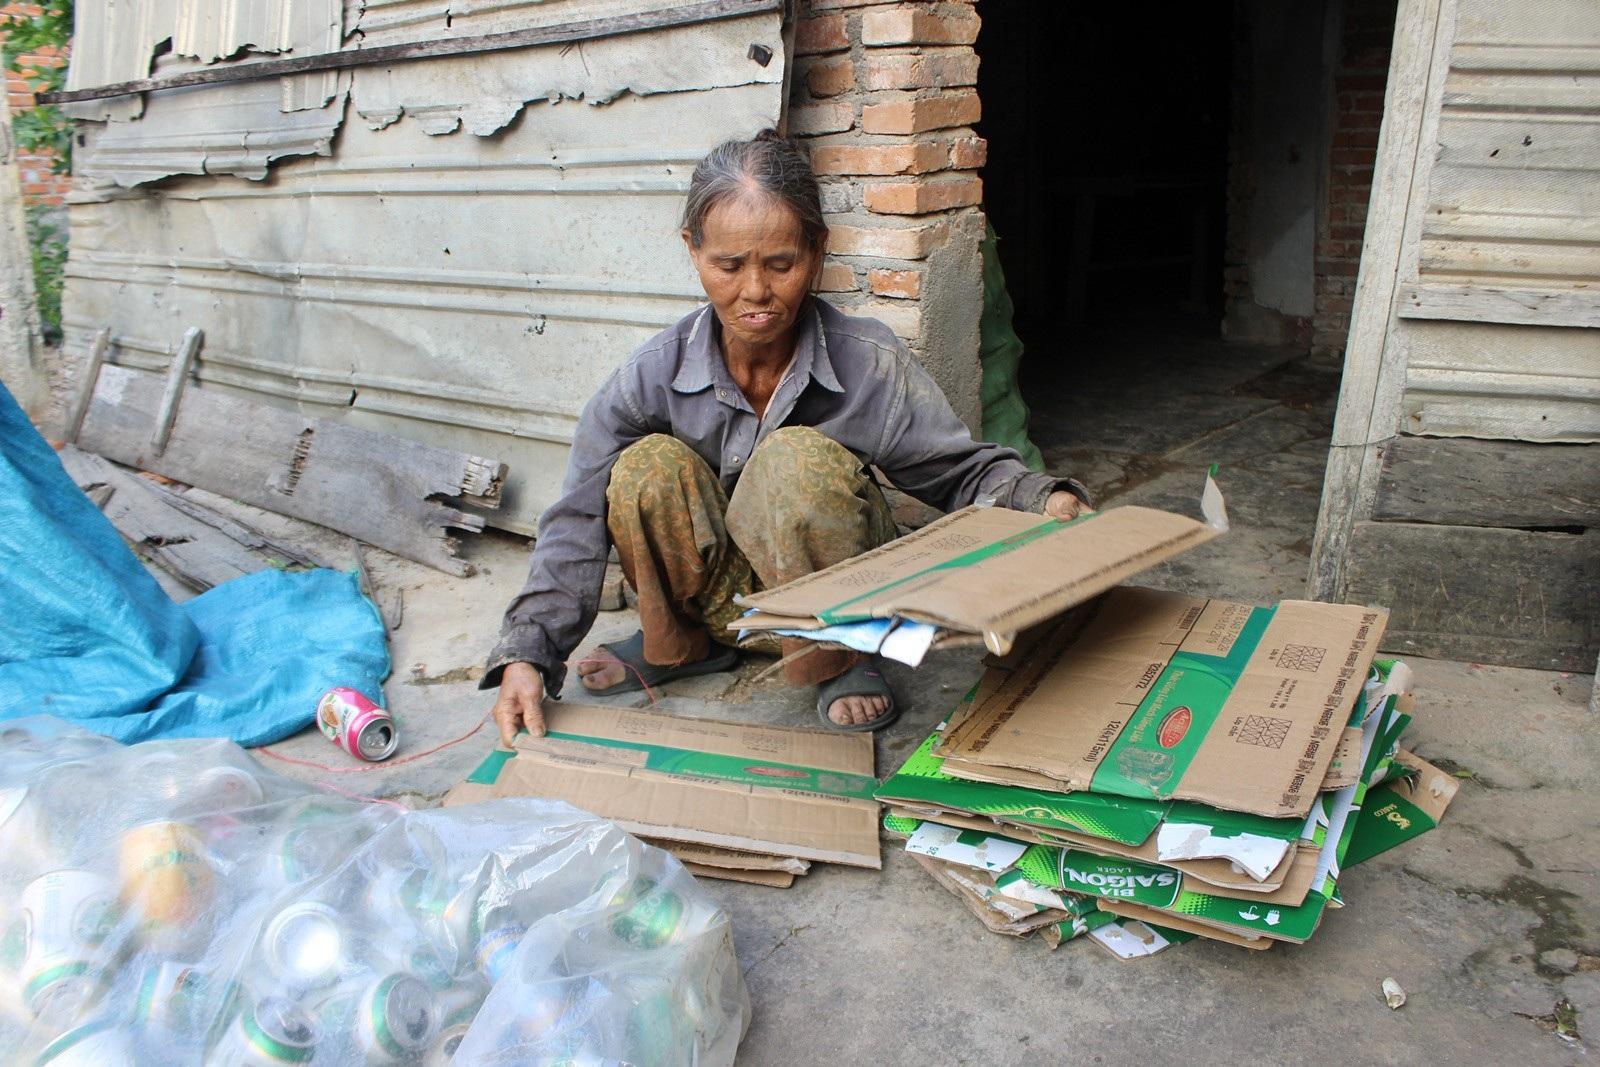 Quá nghèo, người phụ nữ đành nhìn con nuôi bỏ nhà ra đi - Ảnh 9.